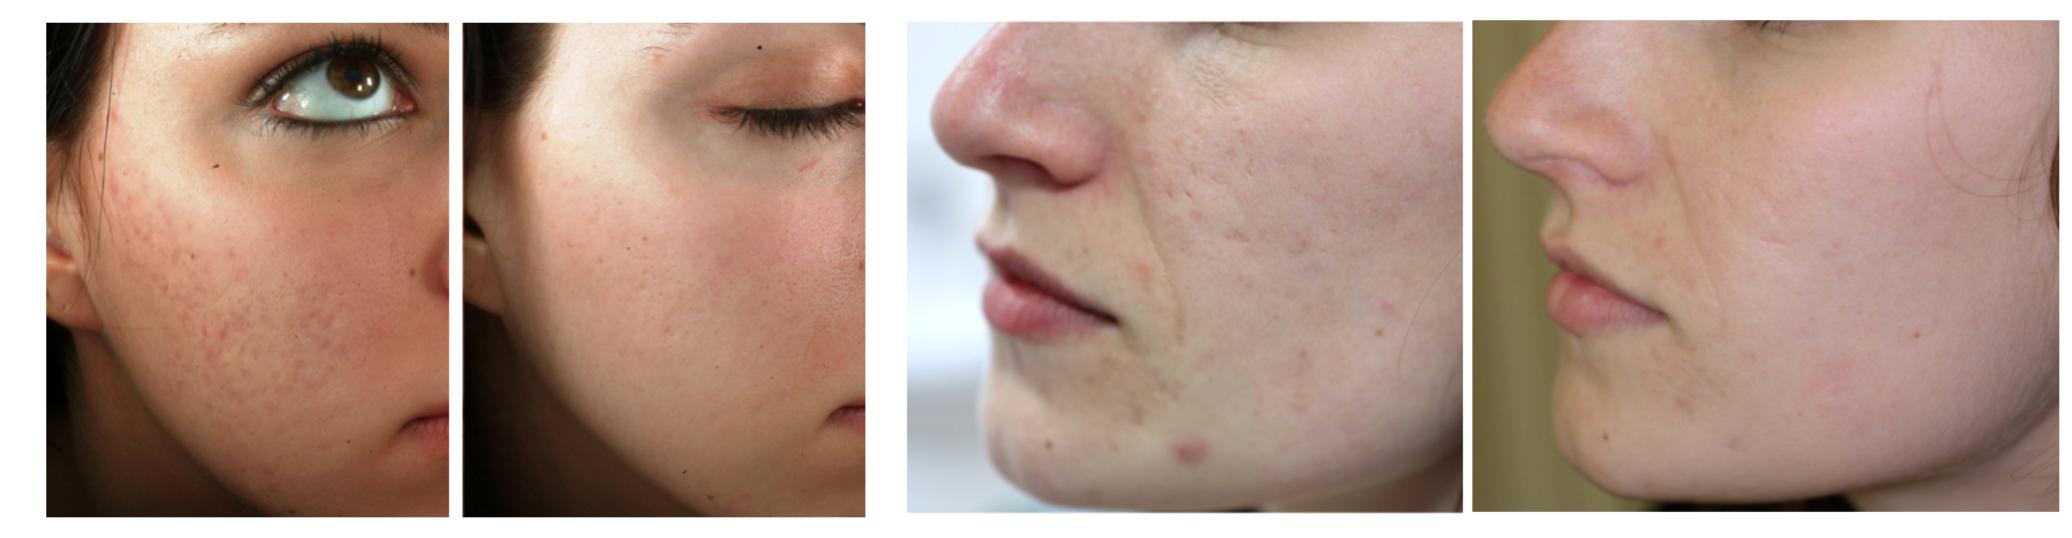 antes y despues cicatrices de acne